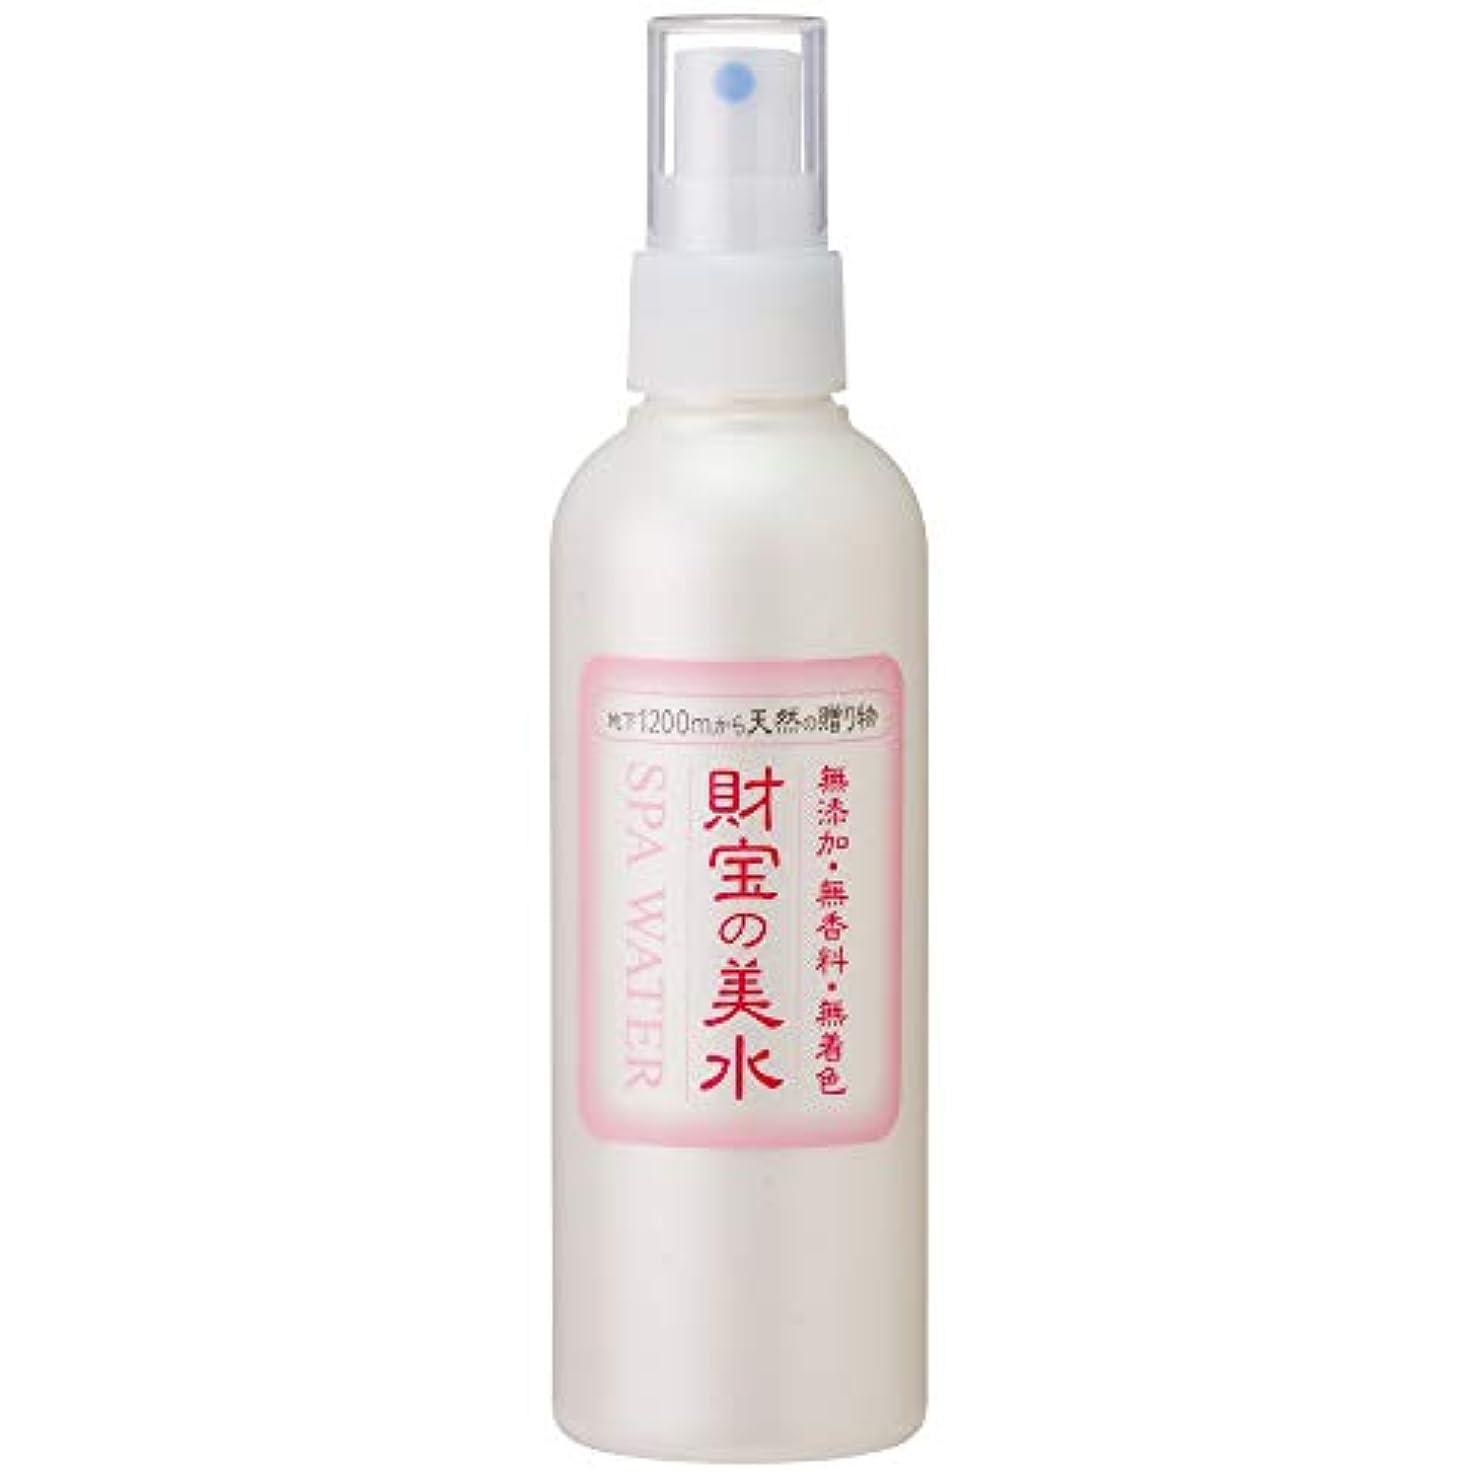 アーティファクトゴールデン中庭財宝 温泉 美水 ミスト 化粧水 200ml